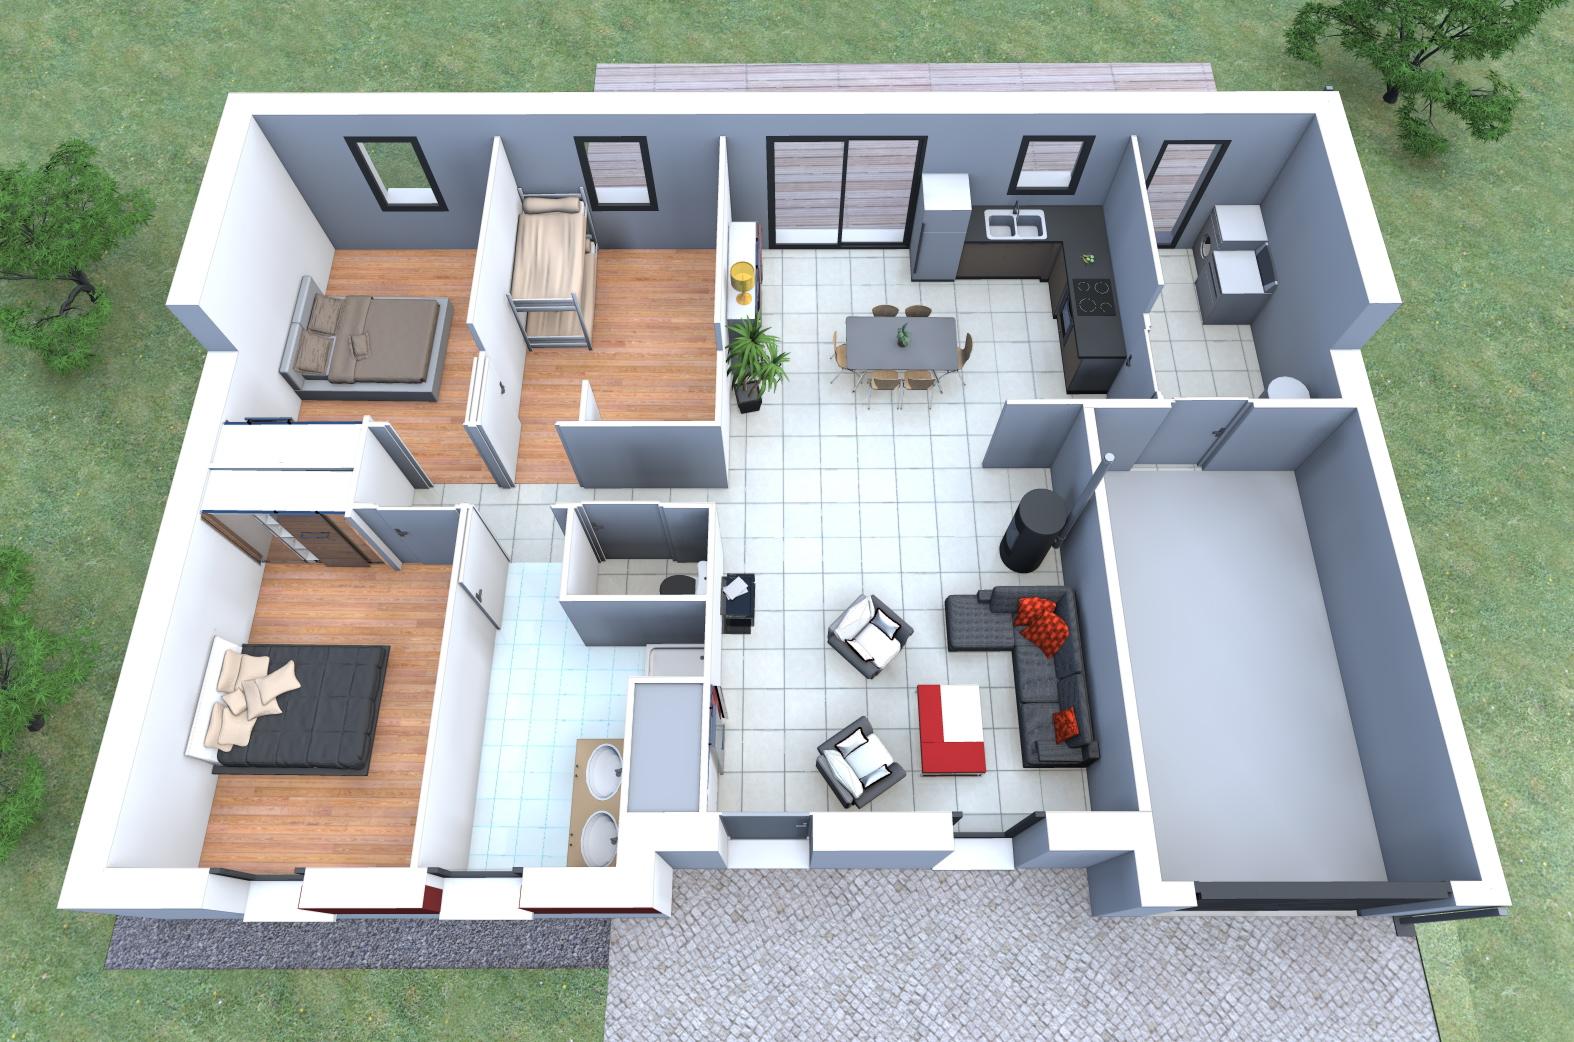 plan de construction de maison moderne - Plan De Construction D Une Maison